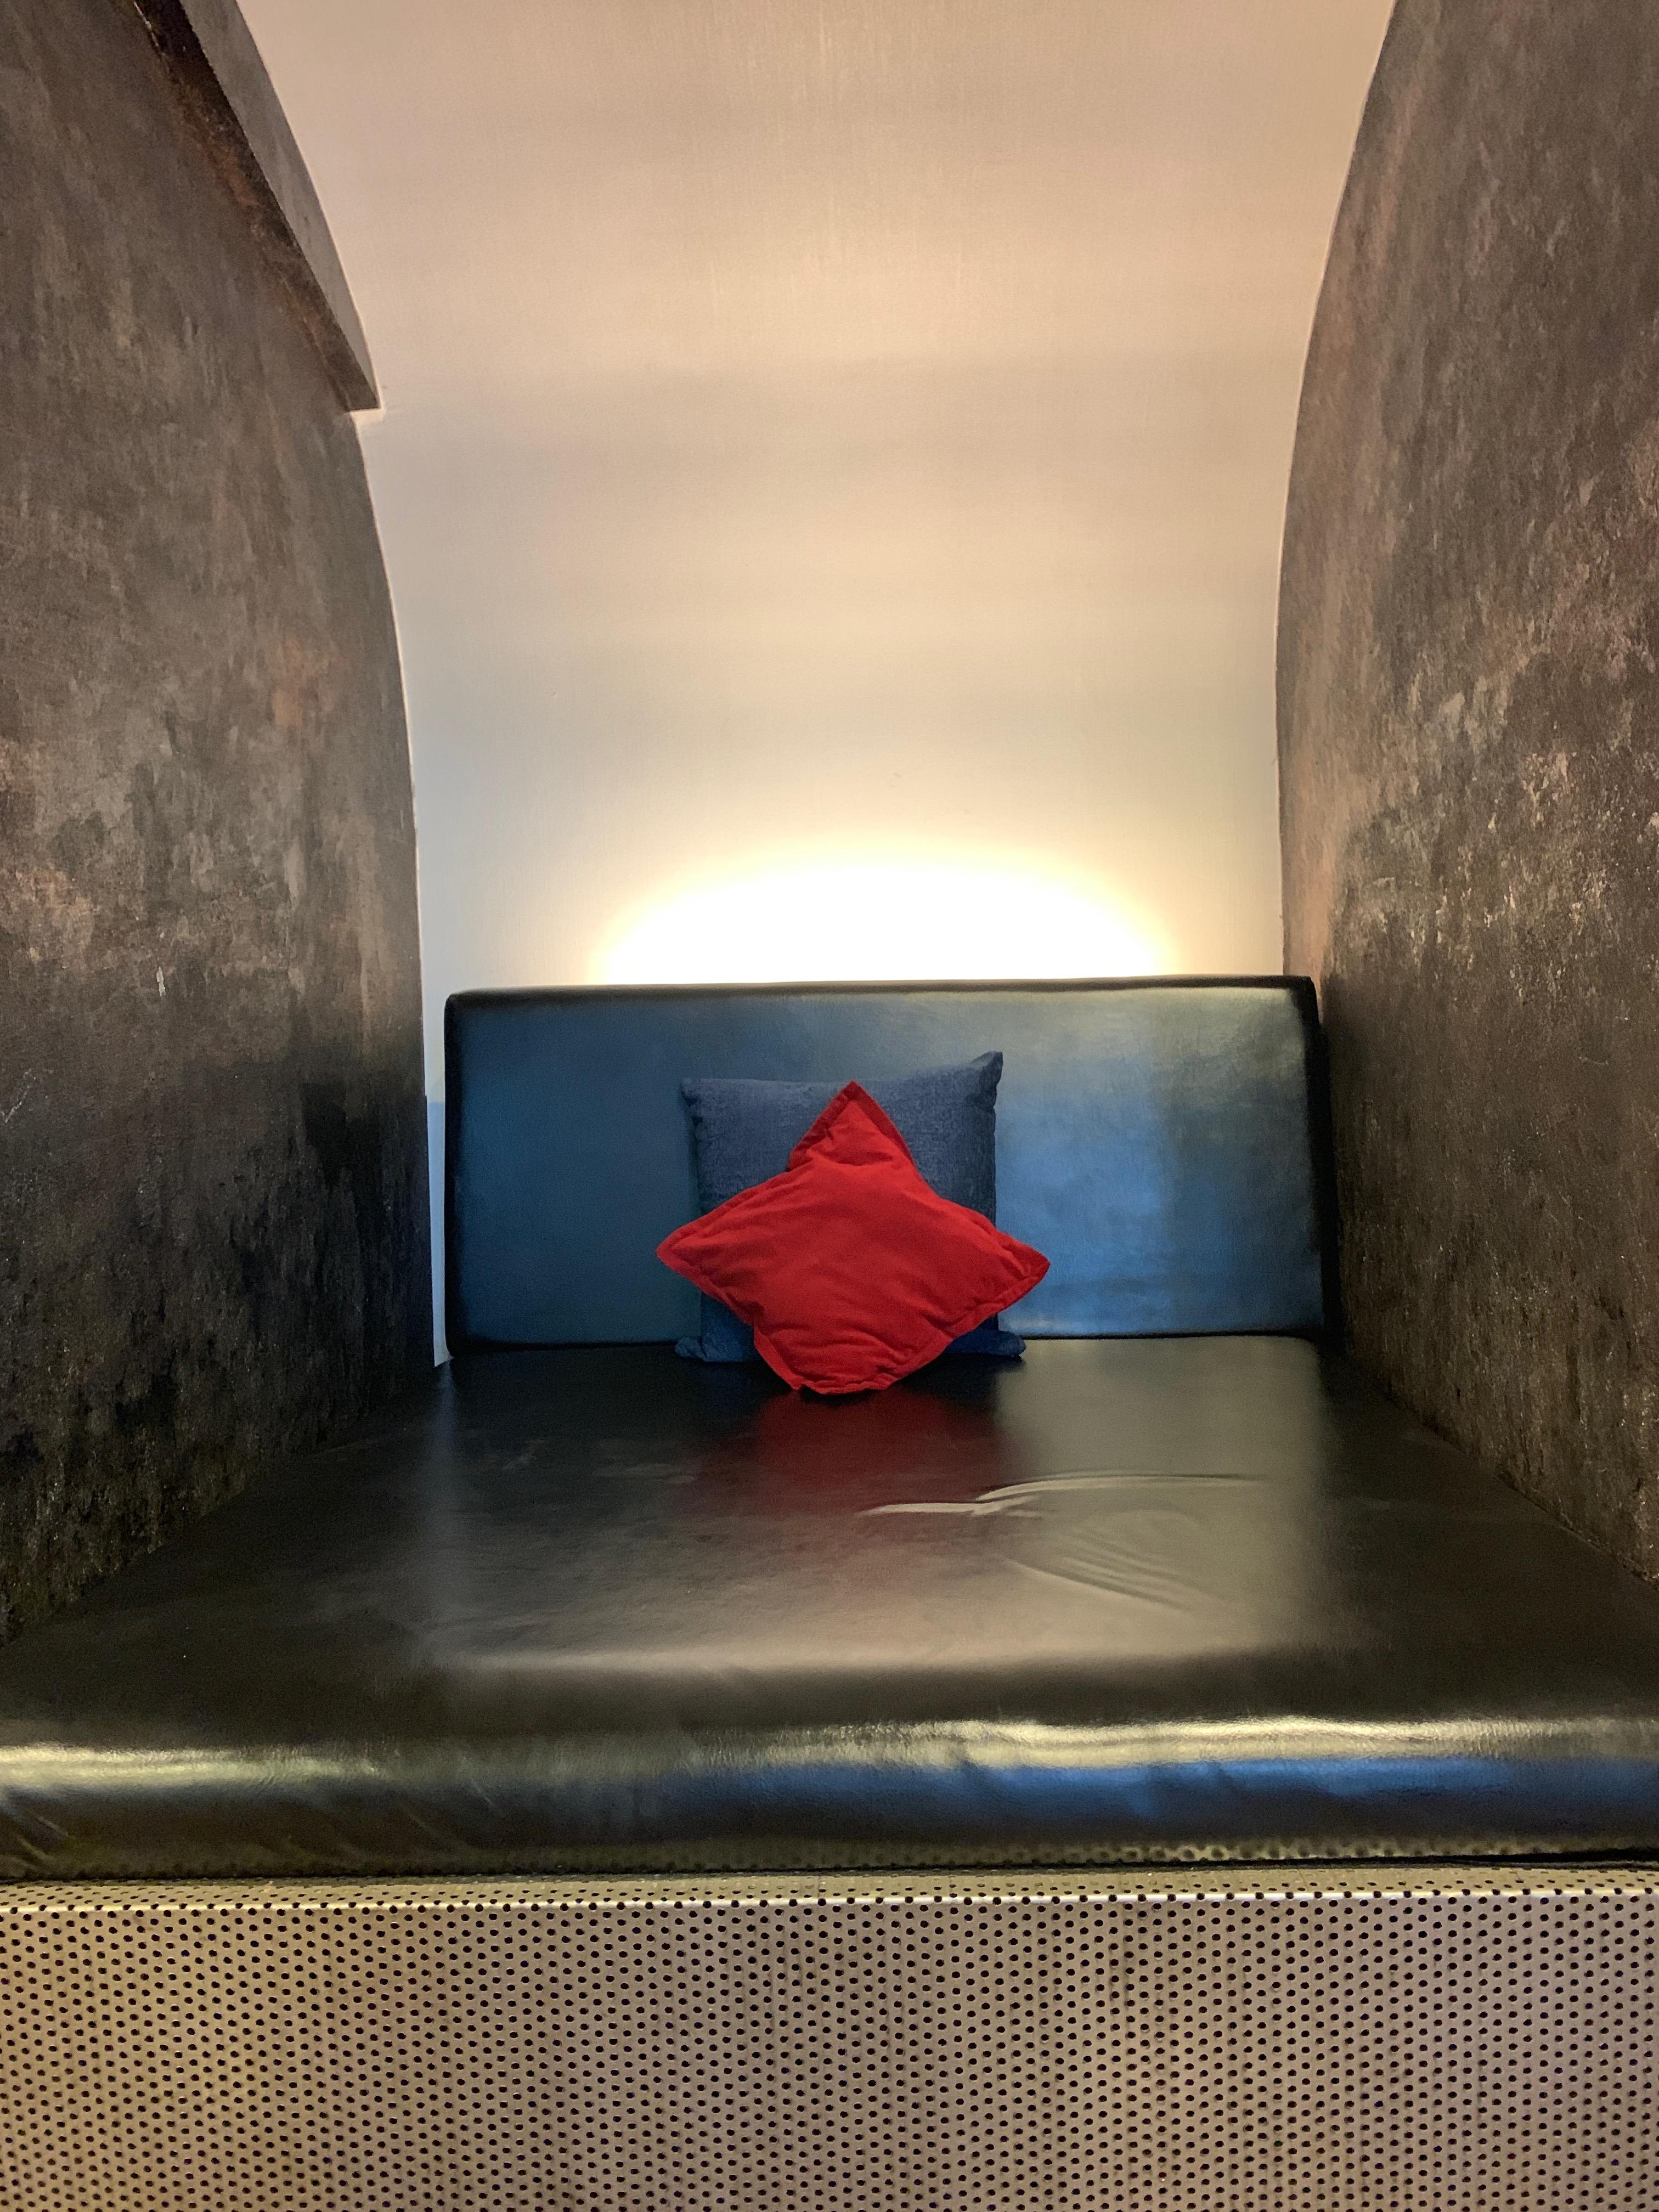 Sol En Beton Interieur images gratuites : indonésie, rouge, chambre, mur